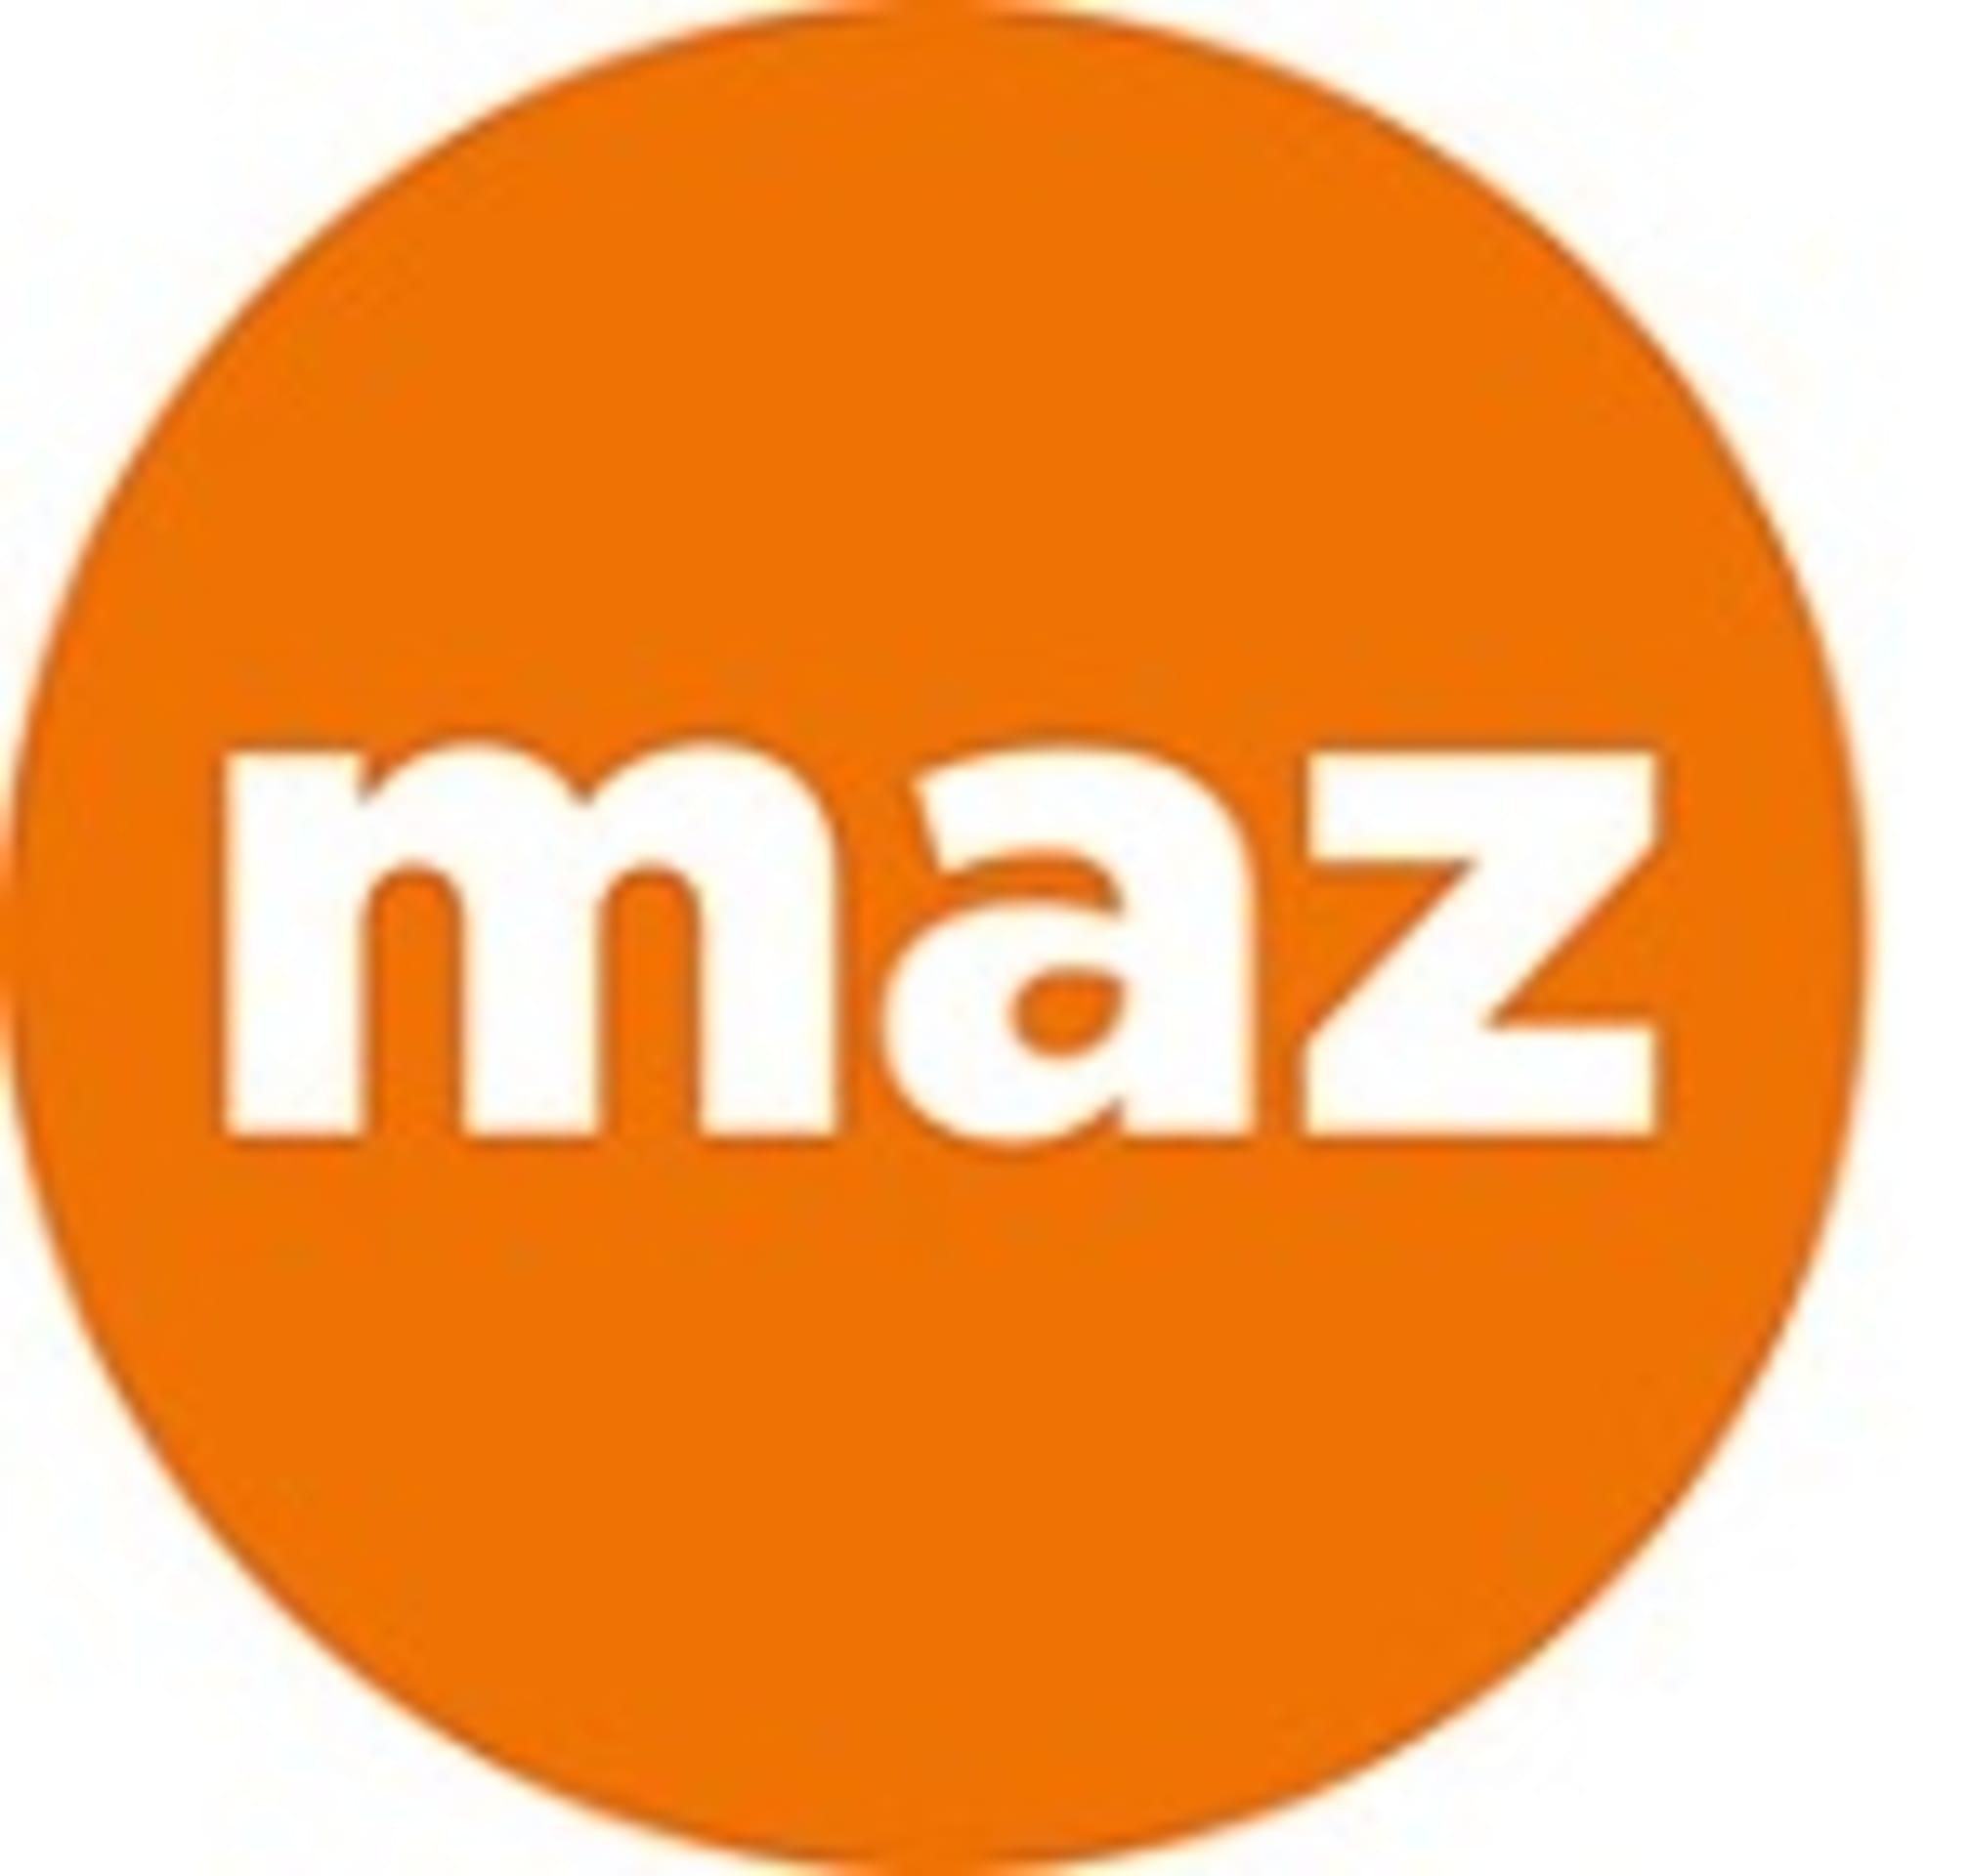 logo maz - mein autozentrum;  Dannacker & Laudien Gmbh / Autohaus Wolter GmbH